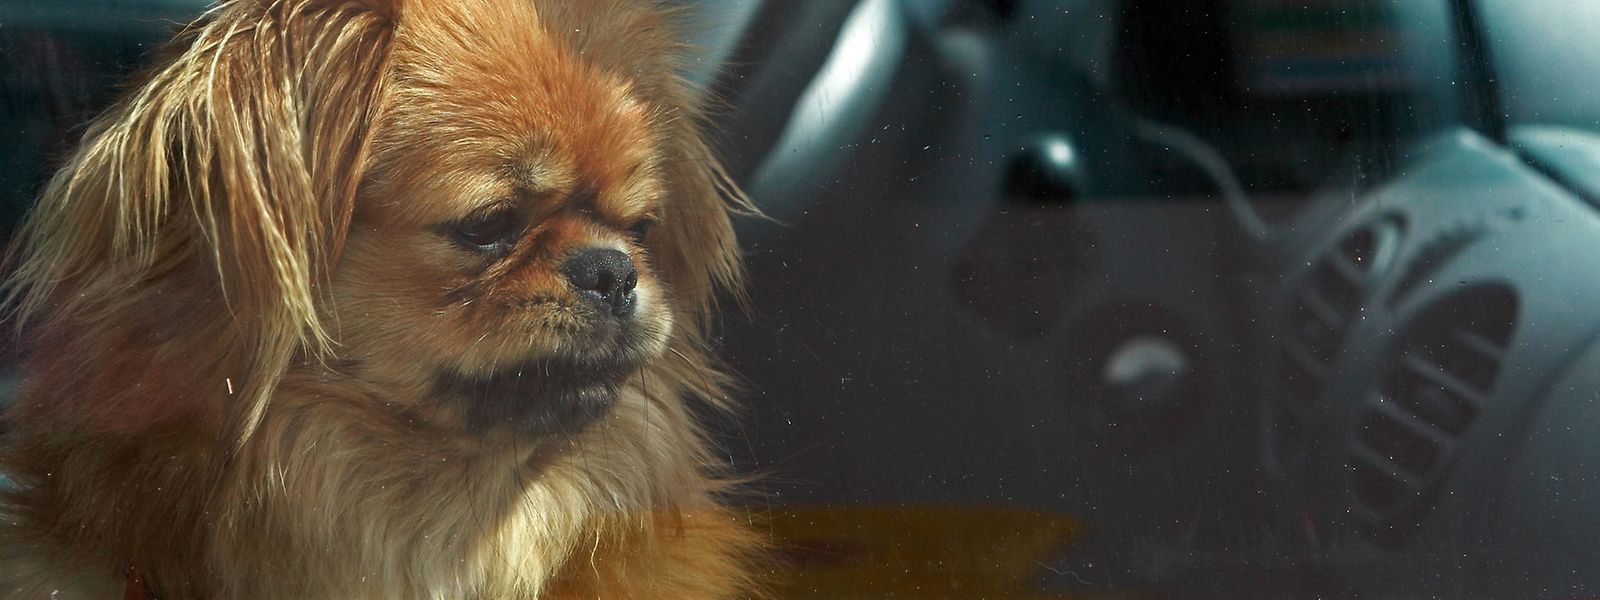 Tiere dürfen nicht in Autos zurückgelassen werden, wenn diese in der Sonne stehen.